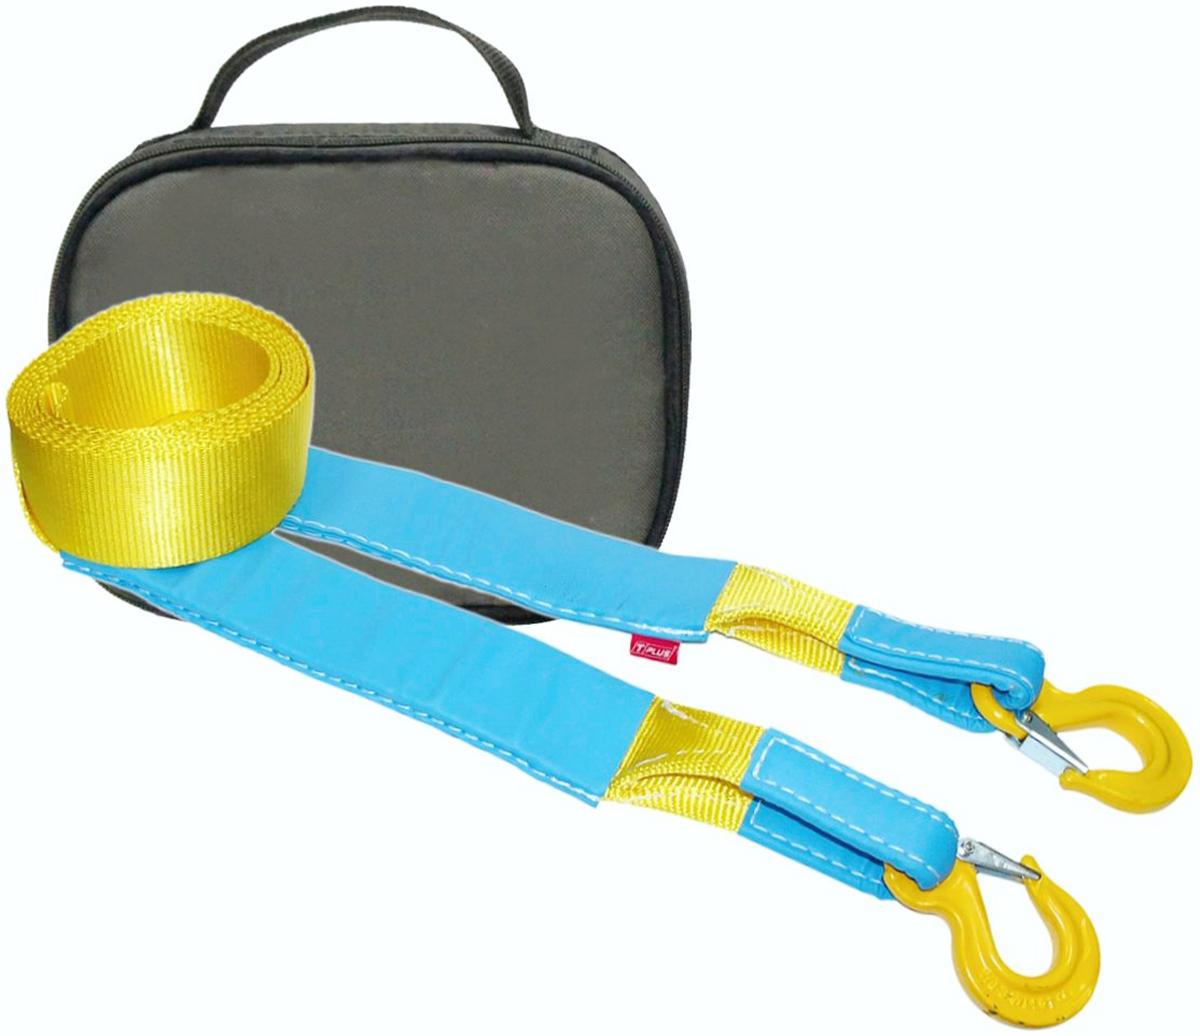 Ремень буксировочный эластичный Tplus Стандарт, крюк/крюк, с сумкой, цвет: олива, 6 т, 5 мPANTERA SPX-2RSМинимальная разрывная нагрузка (MBS): 6 т;Безопасная рабочая нагрузка (SWL): 2 т;Длина: 5 м;Ширина ленты: 70 мм;Материал ленты: полиамид;Защита петель: экокожа;Защита швов: экокожа;Эластичность (удлинение при нагрузке): 20%;Исполнение: крюк/крюк;Крюк с усиленной защелкой (SF8): 2/16 т (безопасная рабочая нагрузка SWL/минимальная разрывная нагрузка MBS);Применяется для а/м массой* от 1 до 1.8 т;Сумка (оксфорд);Гарантия: 1 год.*масса а/м = снаряженная масса а/м + 100 кг (+20% при эвакуации а/м из грязи).Если а/м оснащен дополнительным оборудованием (силовой бампер, лебёдка и т. п.), то масса а/м = снаряженная масса а/м + 100 кг + масса дополнительно установленного навесного оборудования (+20% при эвакуации а/м из грязи).